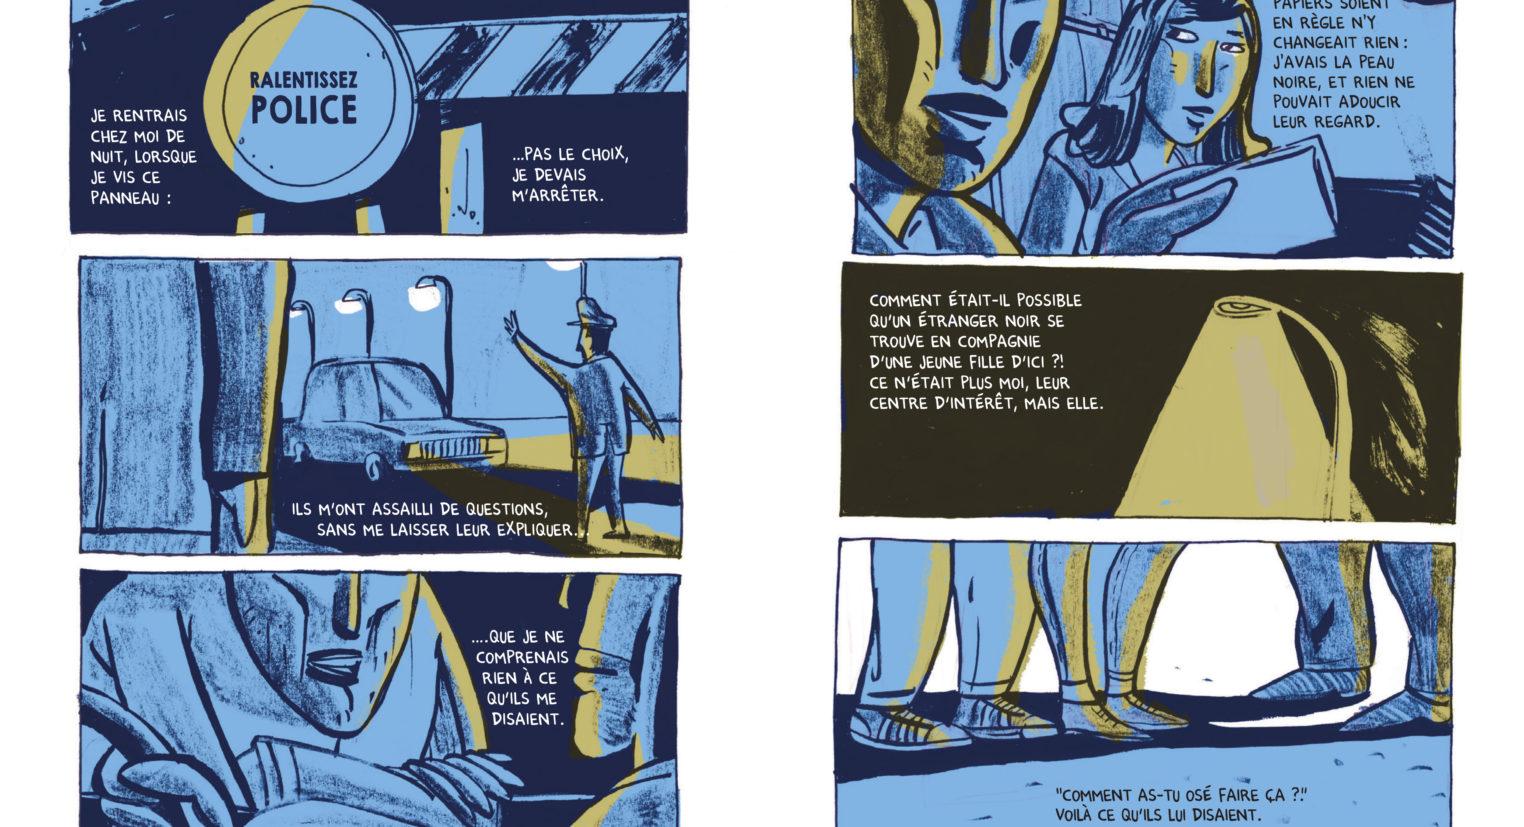 BD, arabe, collectif, Tunisie, Maroc, Algérie, Egypte, Liban, Syrie, Lybie, Arab comics, monde arabe, culture arabe, littérature arabe, migrations, Méditerranée, migrants, réfugiés, exil, forteresse Europe, BD témoignage, BD reportage, édition indépendant